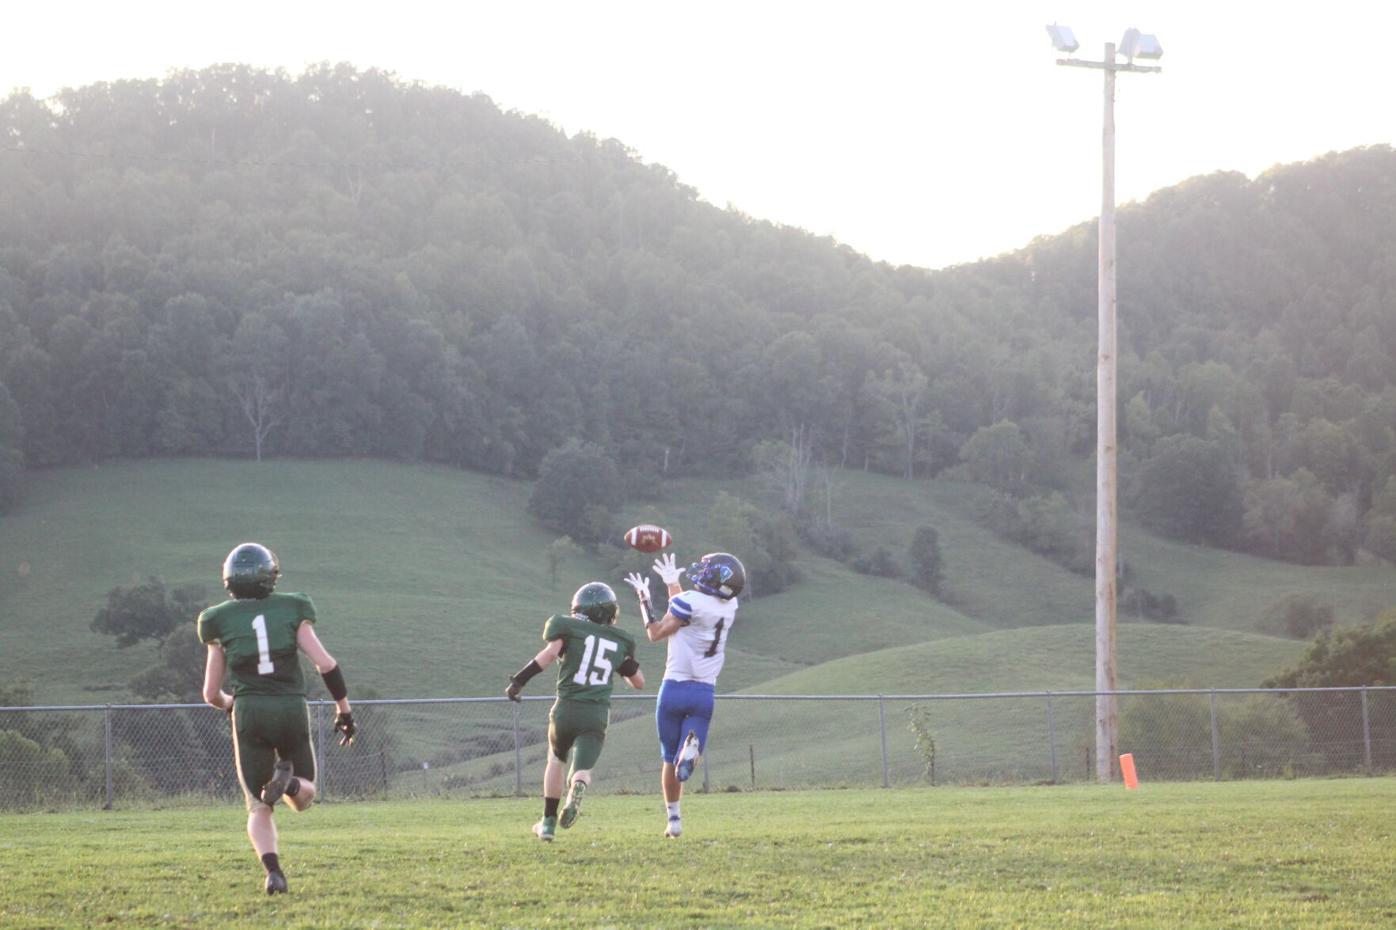 Cullen TD Catch